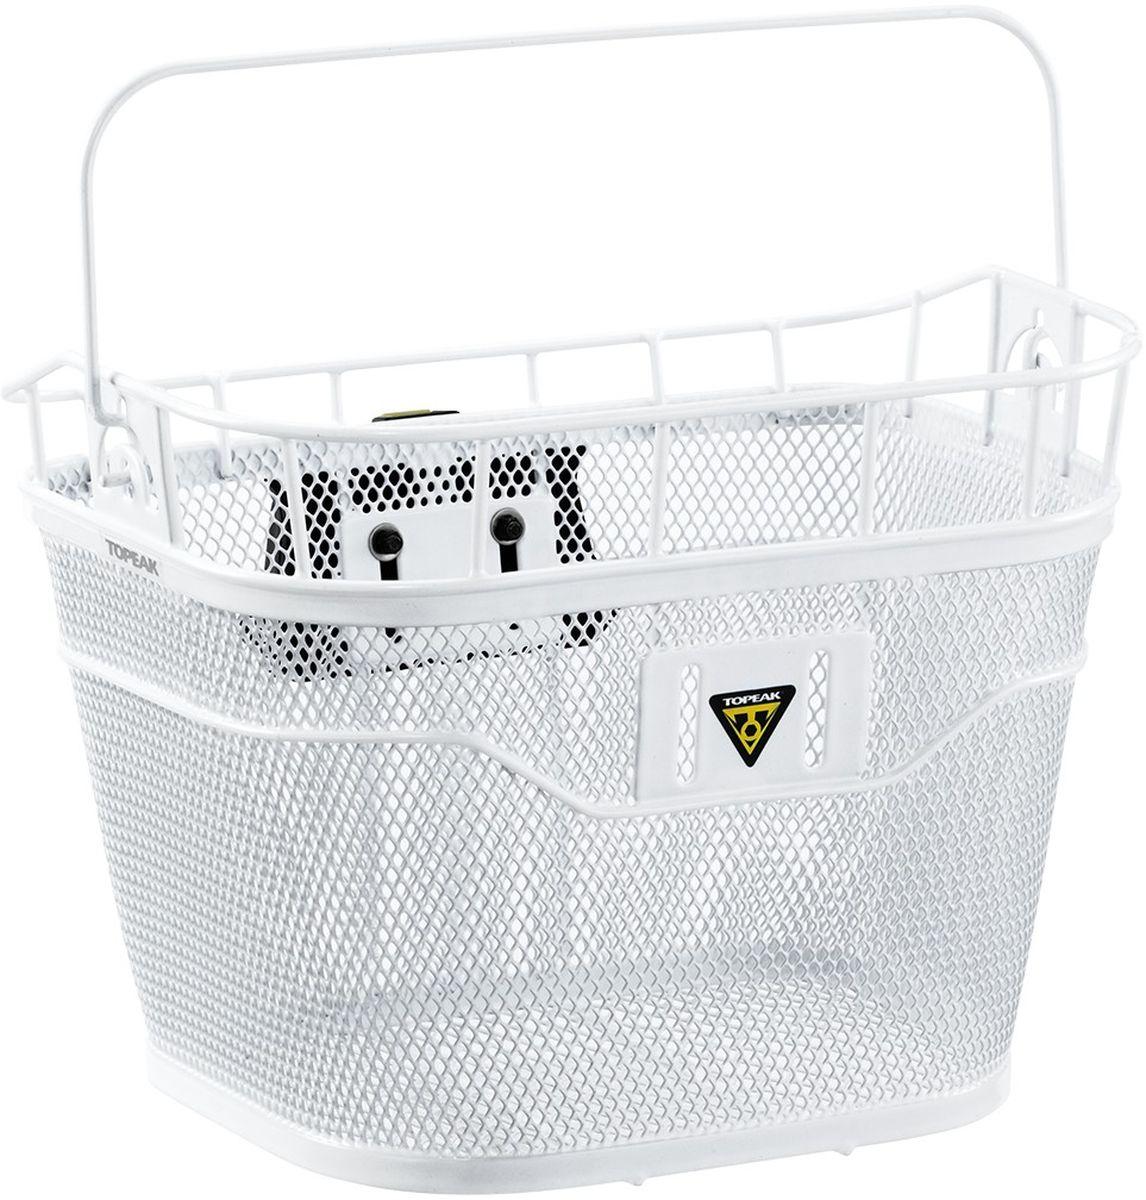 Велокорзина TOPEAK Basket Front w/E-bike Сompatible Fixer, крепление подходит для электровелосипеда, цвет: белыйTB2011-Wниверсальная корзина с креплением на руль велосипеда. Совместима с электровелосипедами, где установлено головное устройство. Новое крепление QuickClick позволяет легко устанавливать и снимать корзину. Максимальная загрузка: 5 кг. Вес корзины: 1370 г. Материал: сталь со специальным покрытием. Два варианта расцветки: черный, или белый.